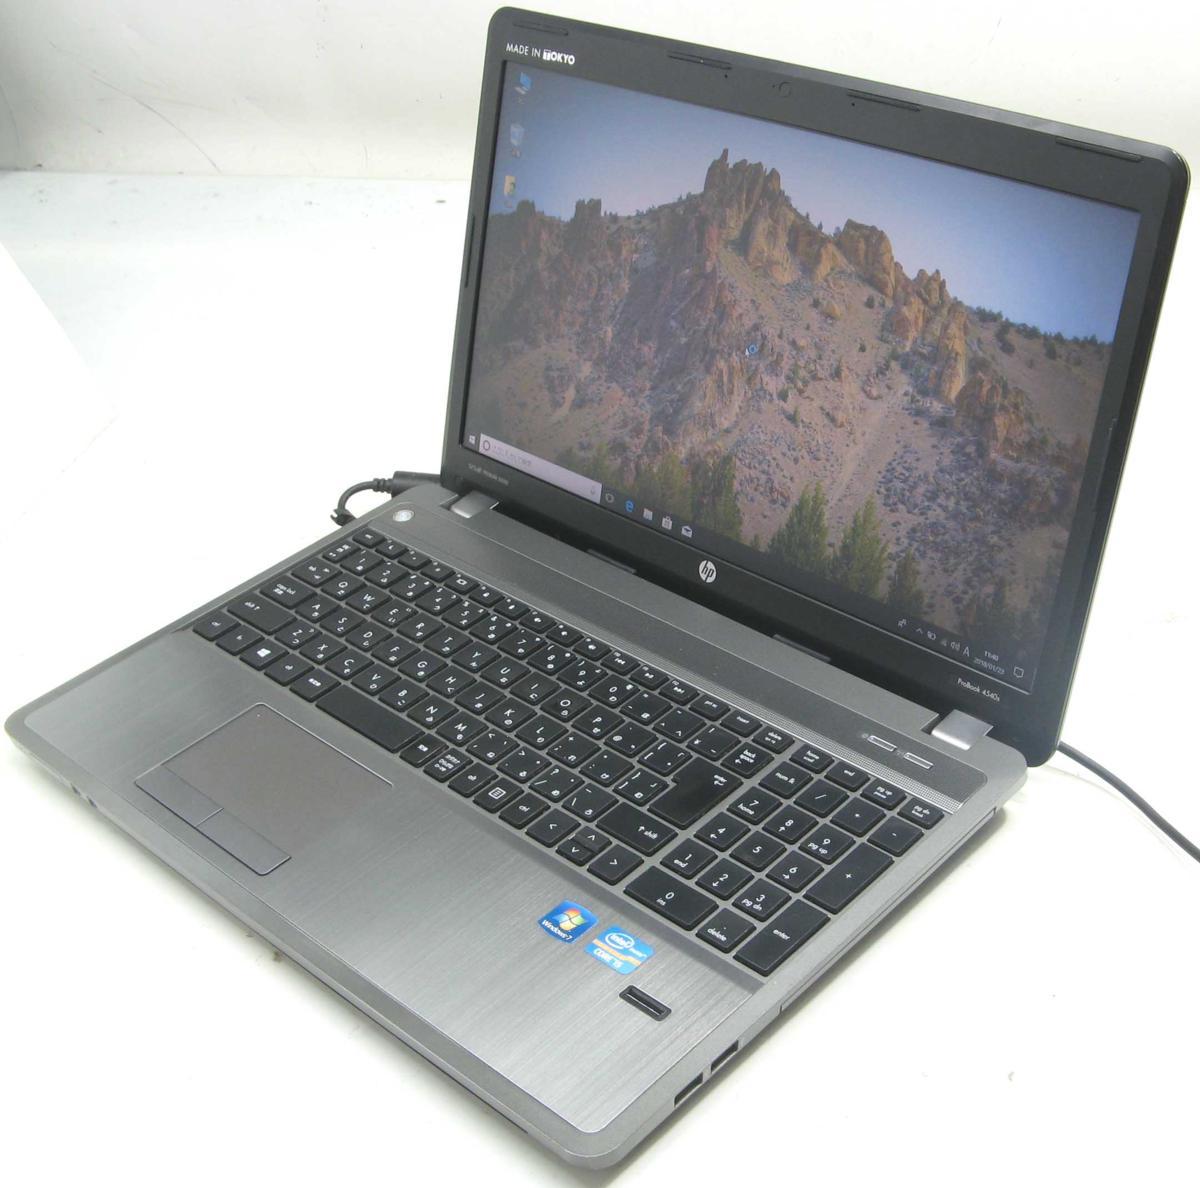 中古ノートパソコン HP ProBook 4540S(ヒューレット・パッカード Windows10 Corei5 グラボ ビデオカード DVDスーパーマルチドライブ HDMI出力端子)【中古】【中古パソコン/中古PC】